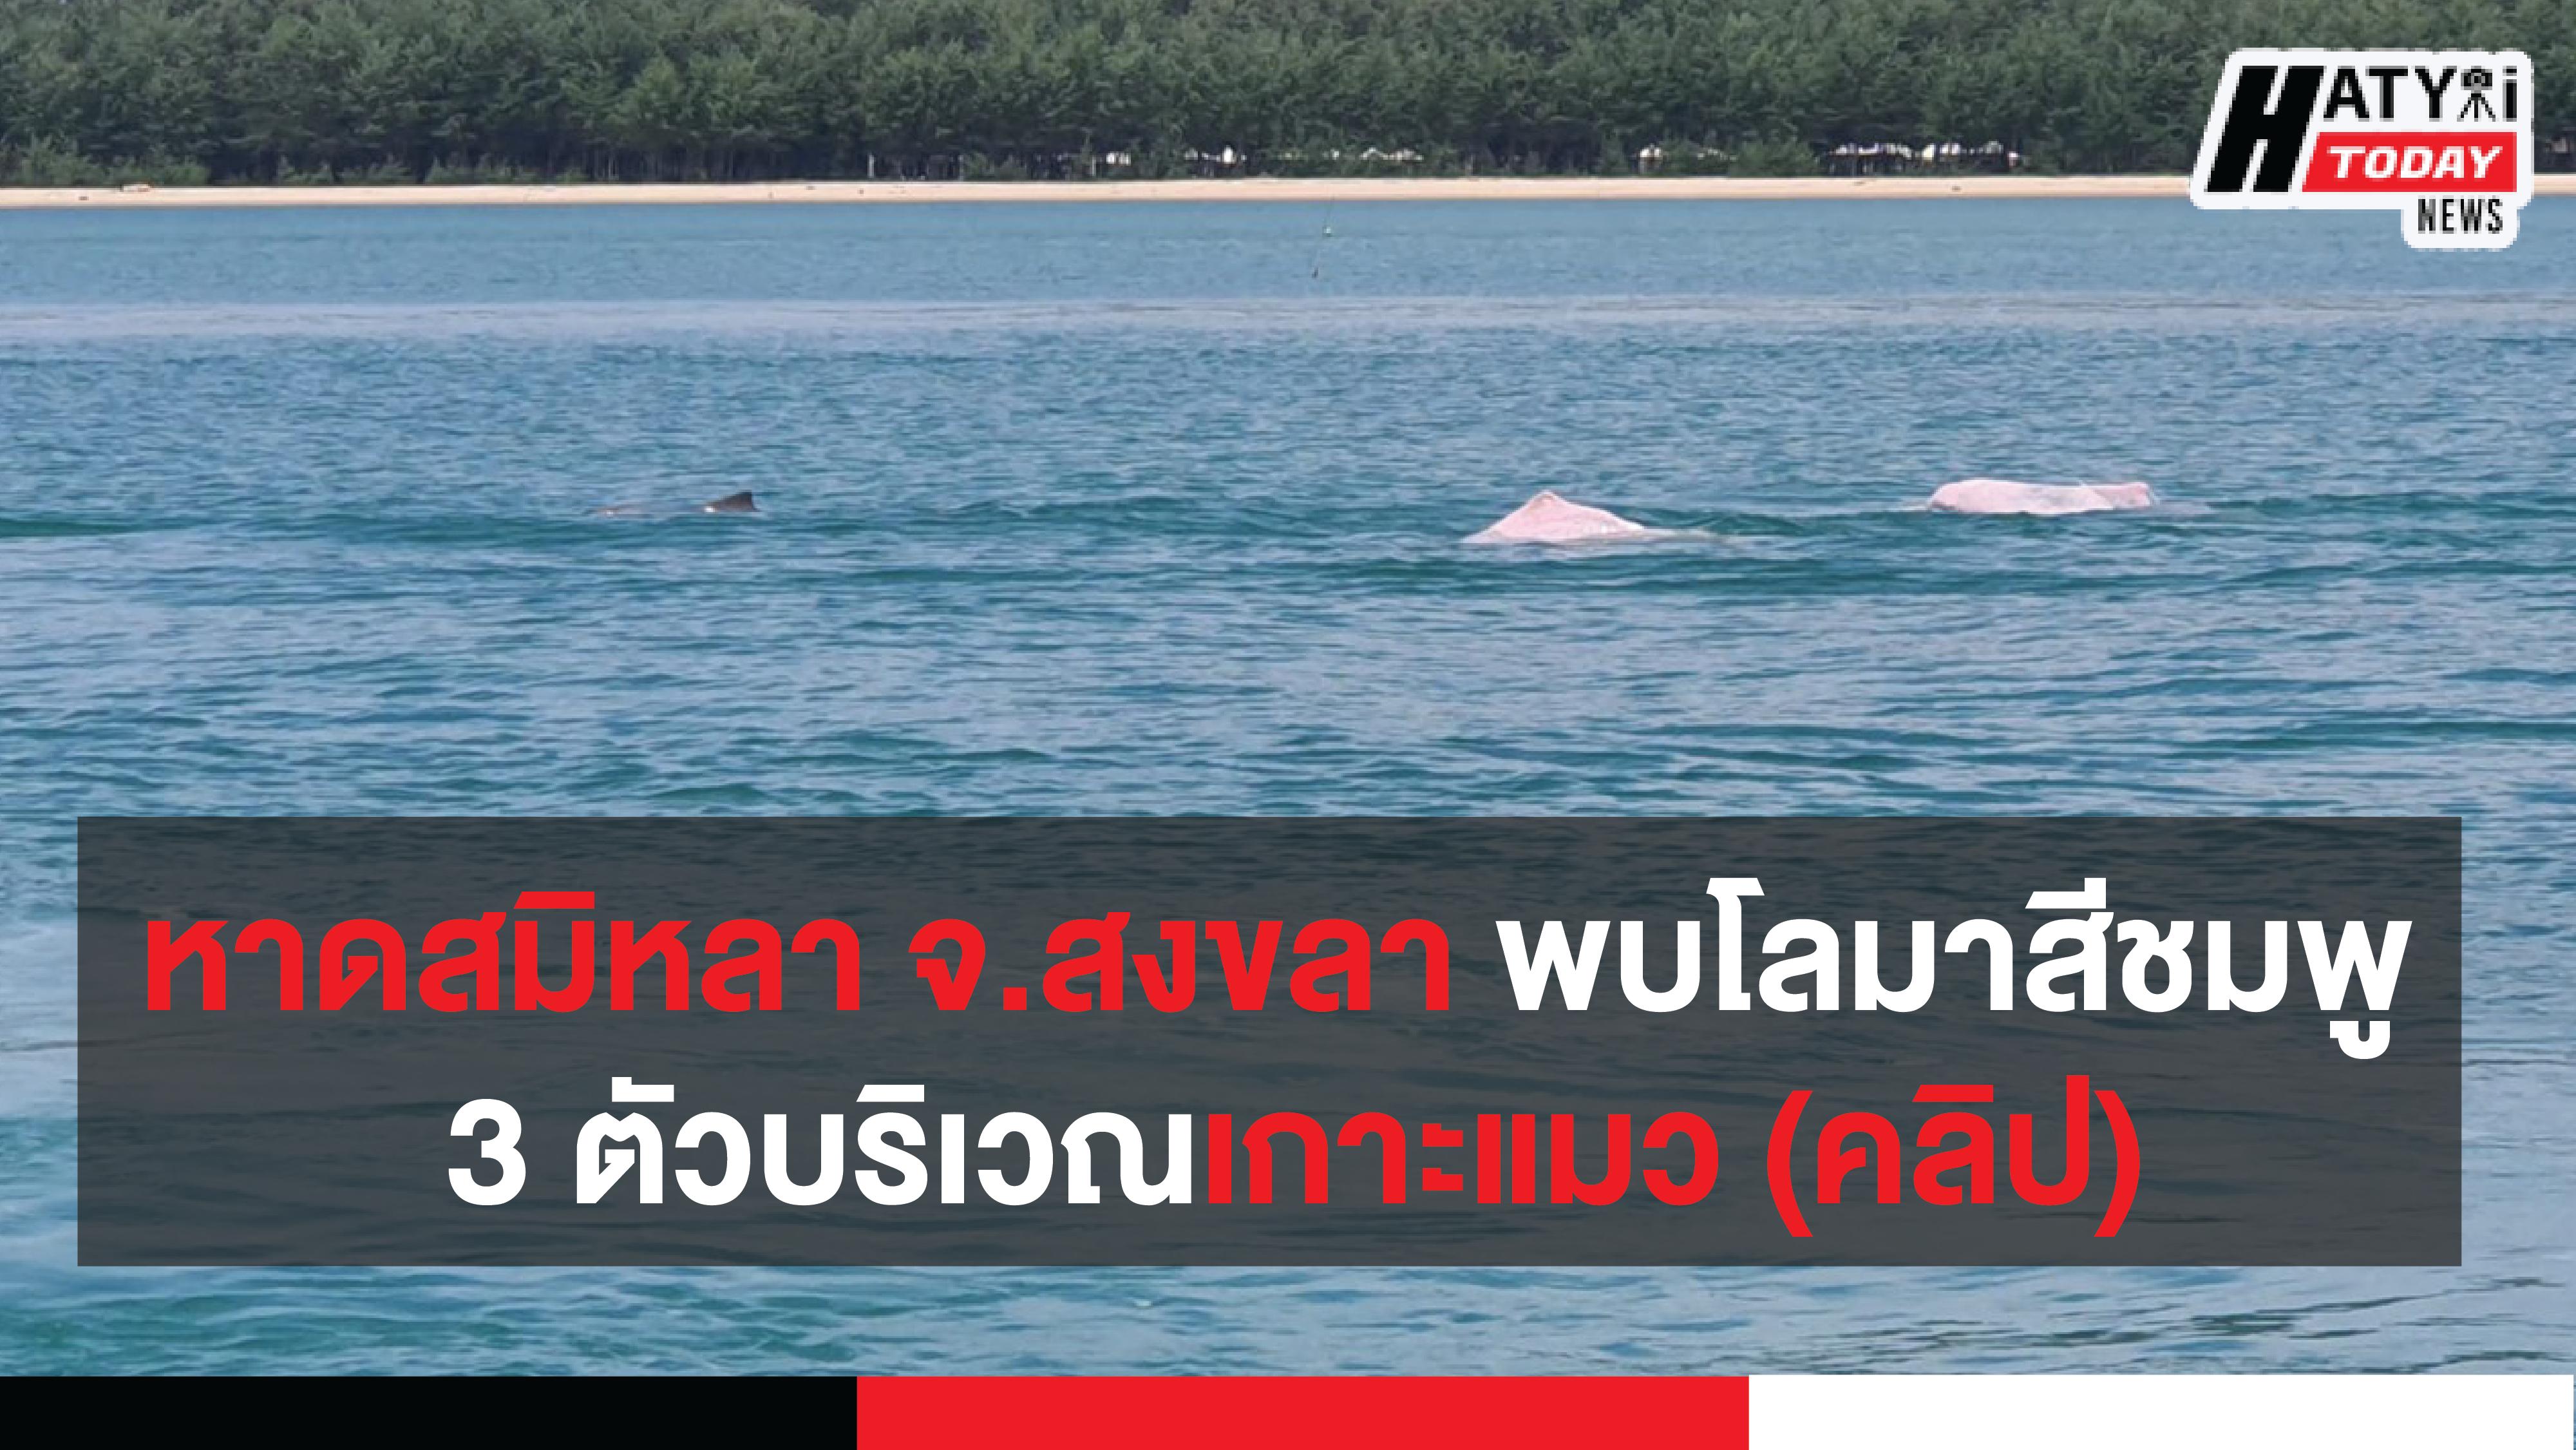 หาดสมิหลา จ.สงขลา พบโลมาสีชมพูออกมาว่ายน้ำเล่นจำนวน 3 ตัวบริเวณเกาะแมว (คลิป)